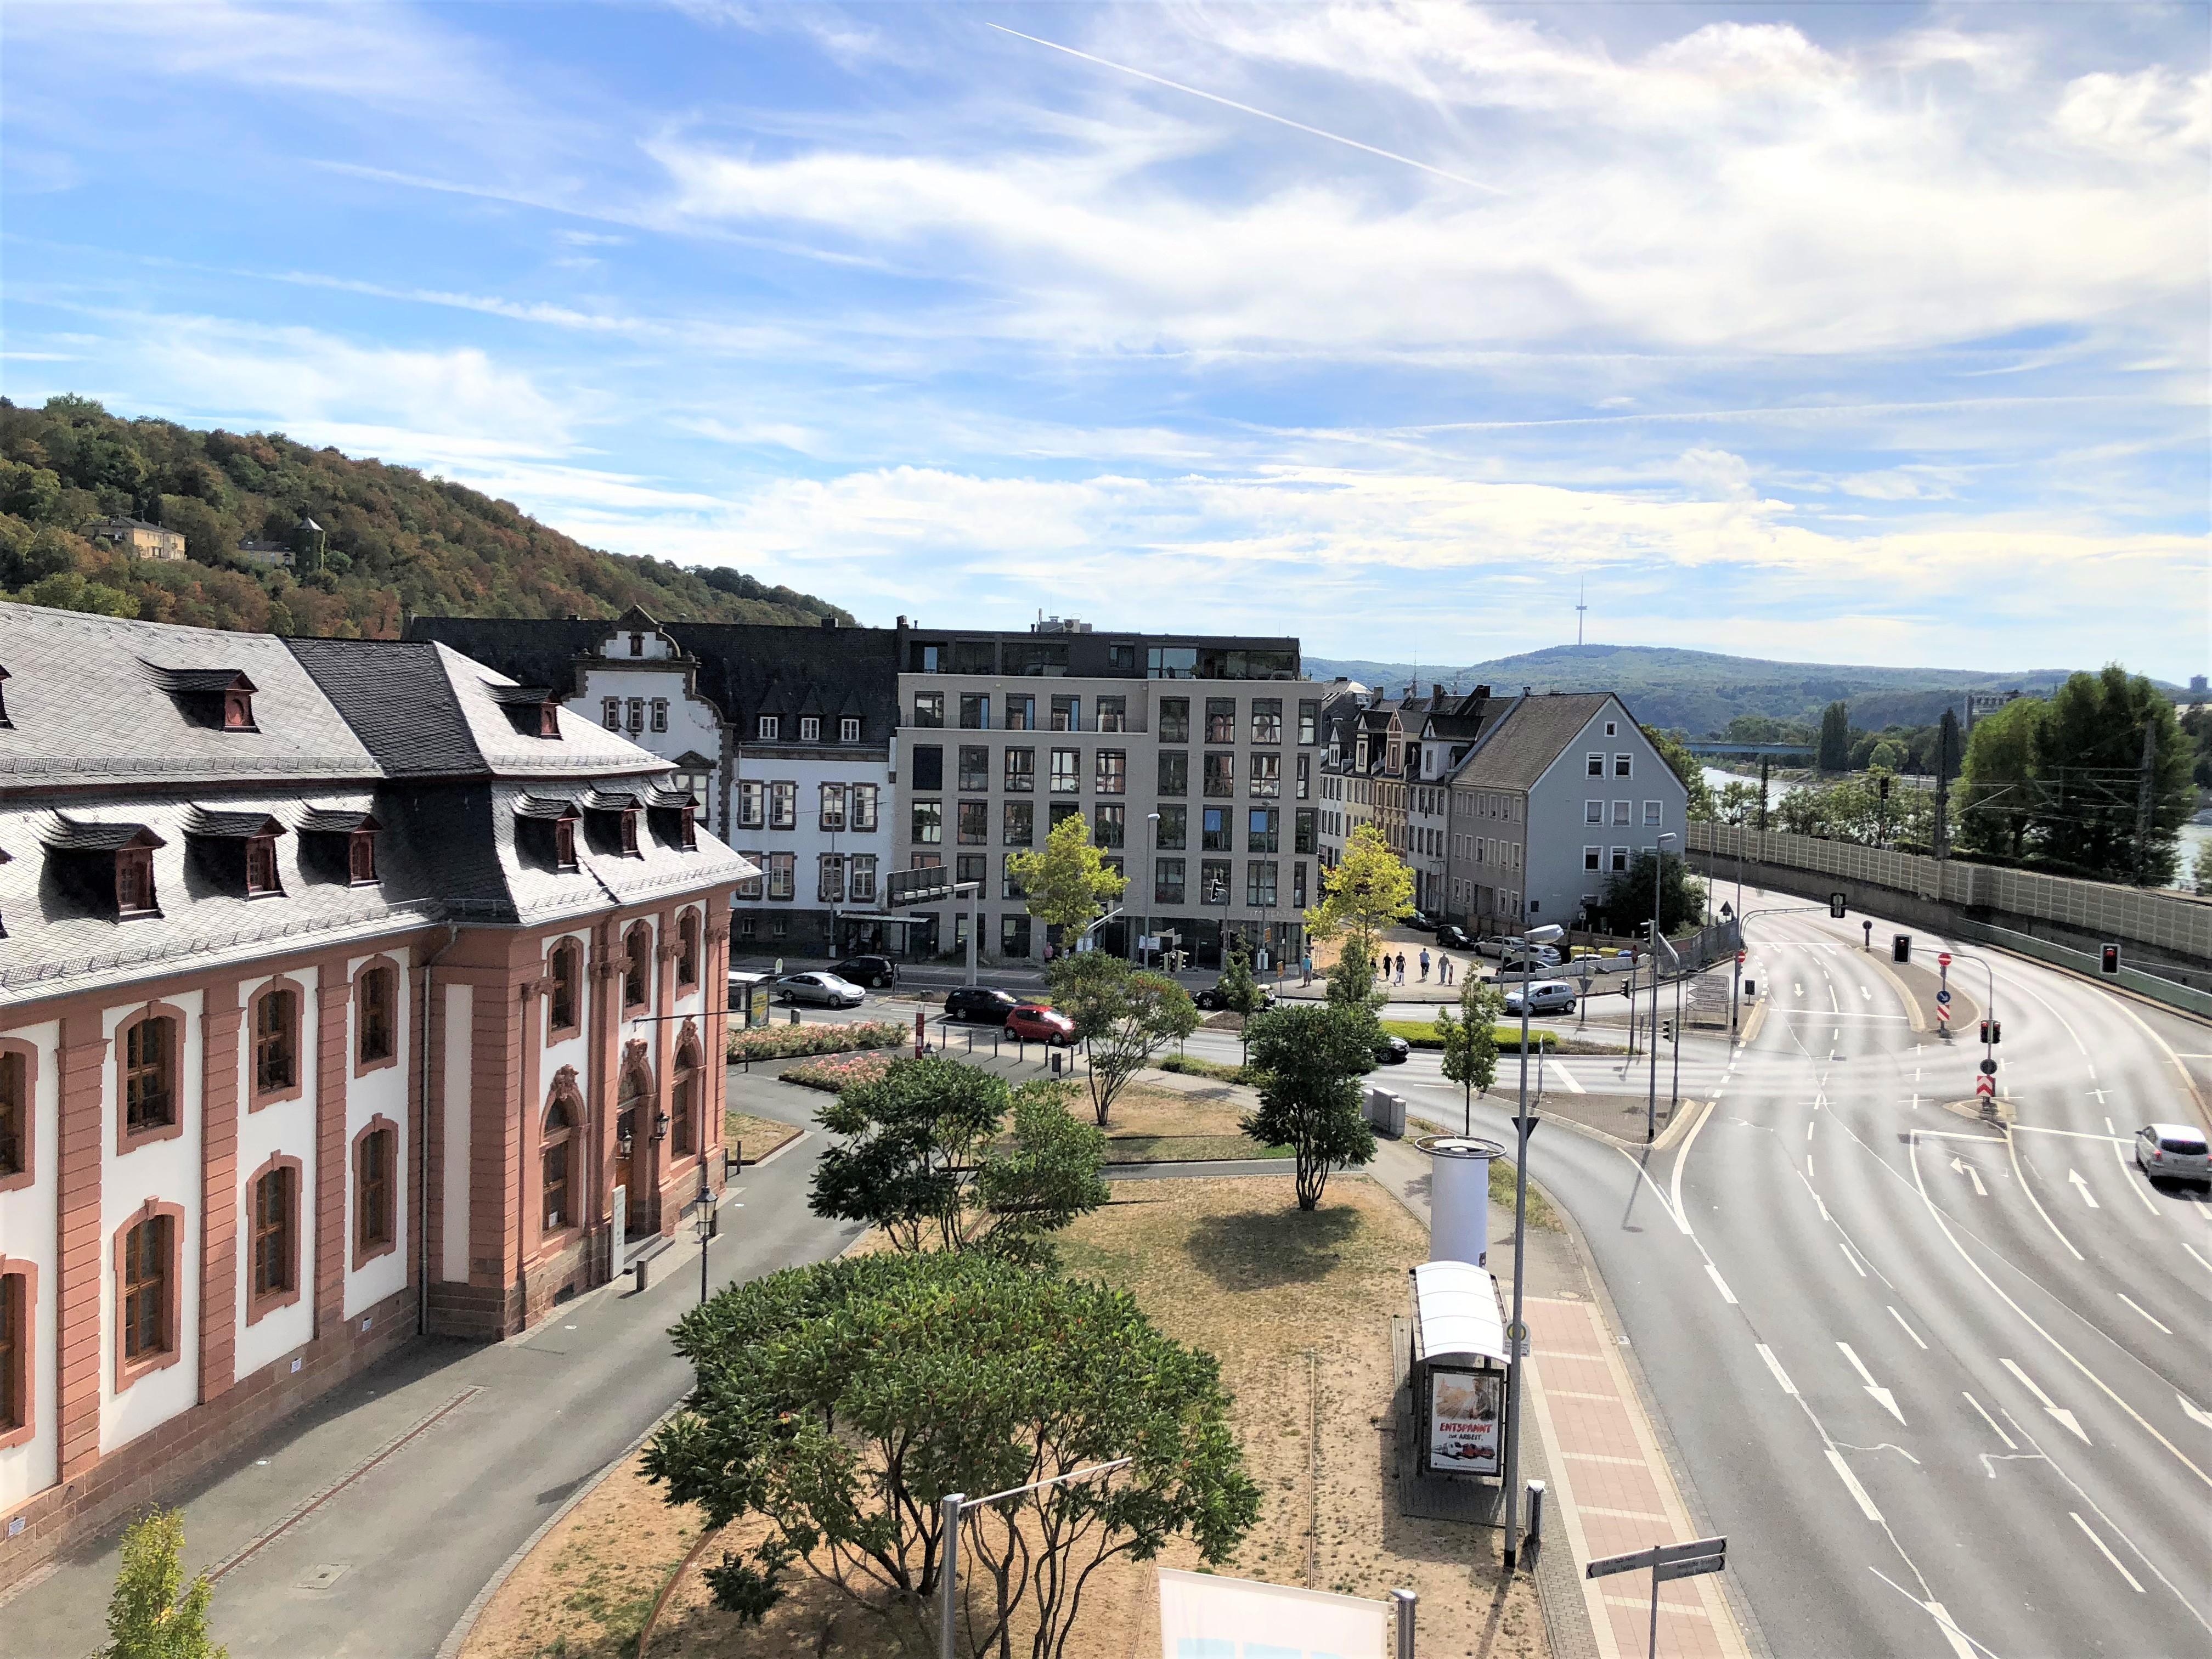 Blick vom historischen Dikasterialgebäude zum Gesundheitszentrum rechts des Rheins